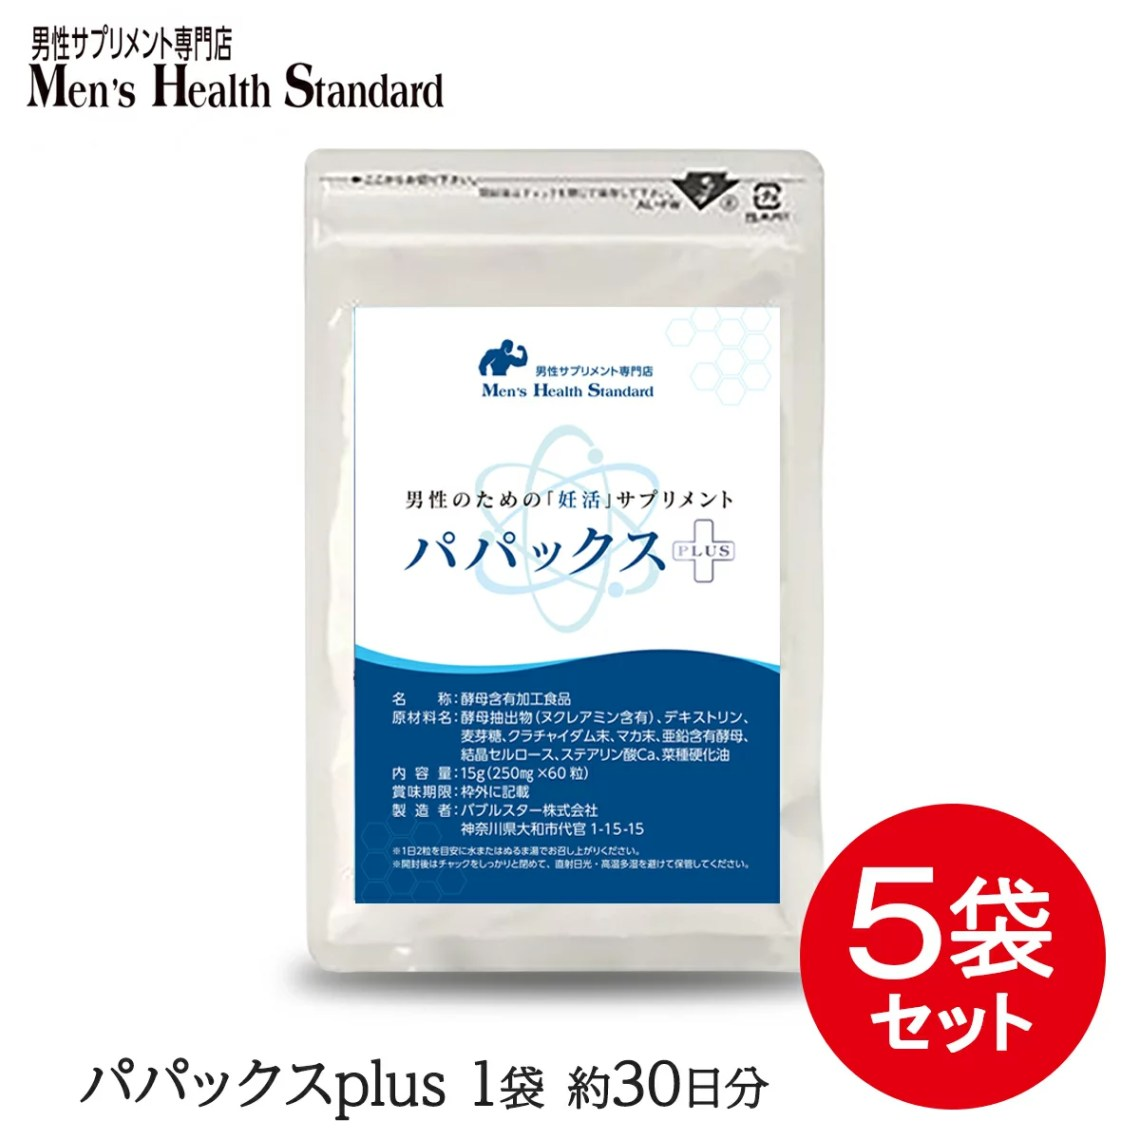 男性 妊活 サプリ パパックスplus(約5ヵ月分)精子成分ヌクレアミン(ポリアミン)の他、男性妊活